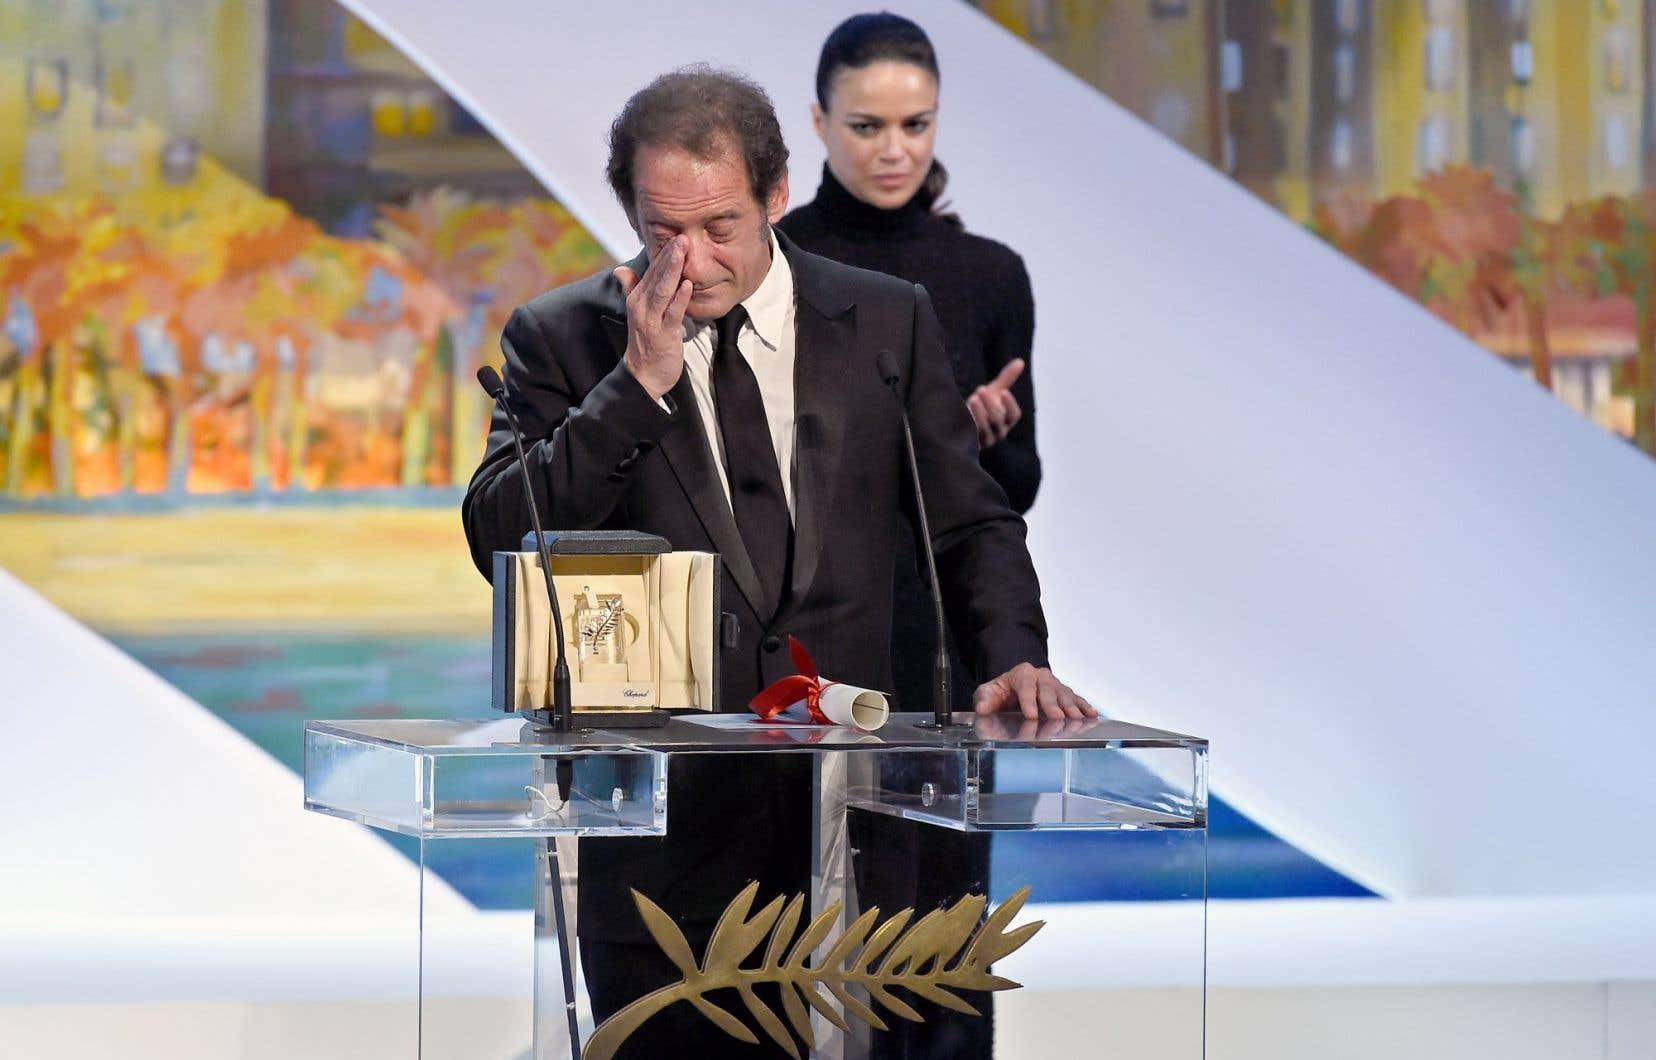 Vincent Lindon, bouleversé, les larmes aux yeux, aura offert la charge d'émotion de cette soirée en recevant le prix du meilleur acteur.